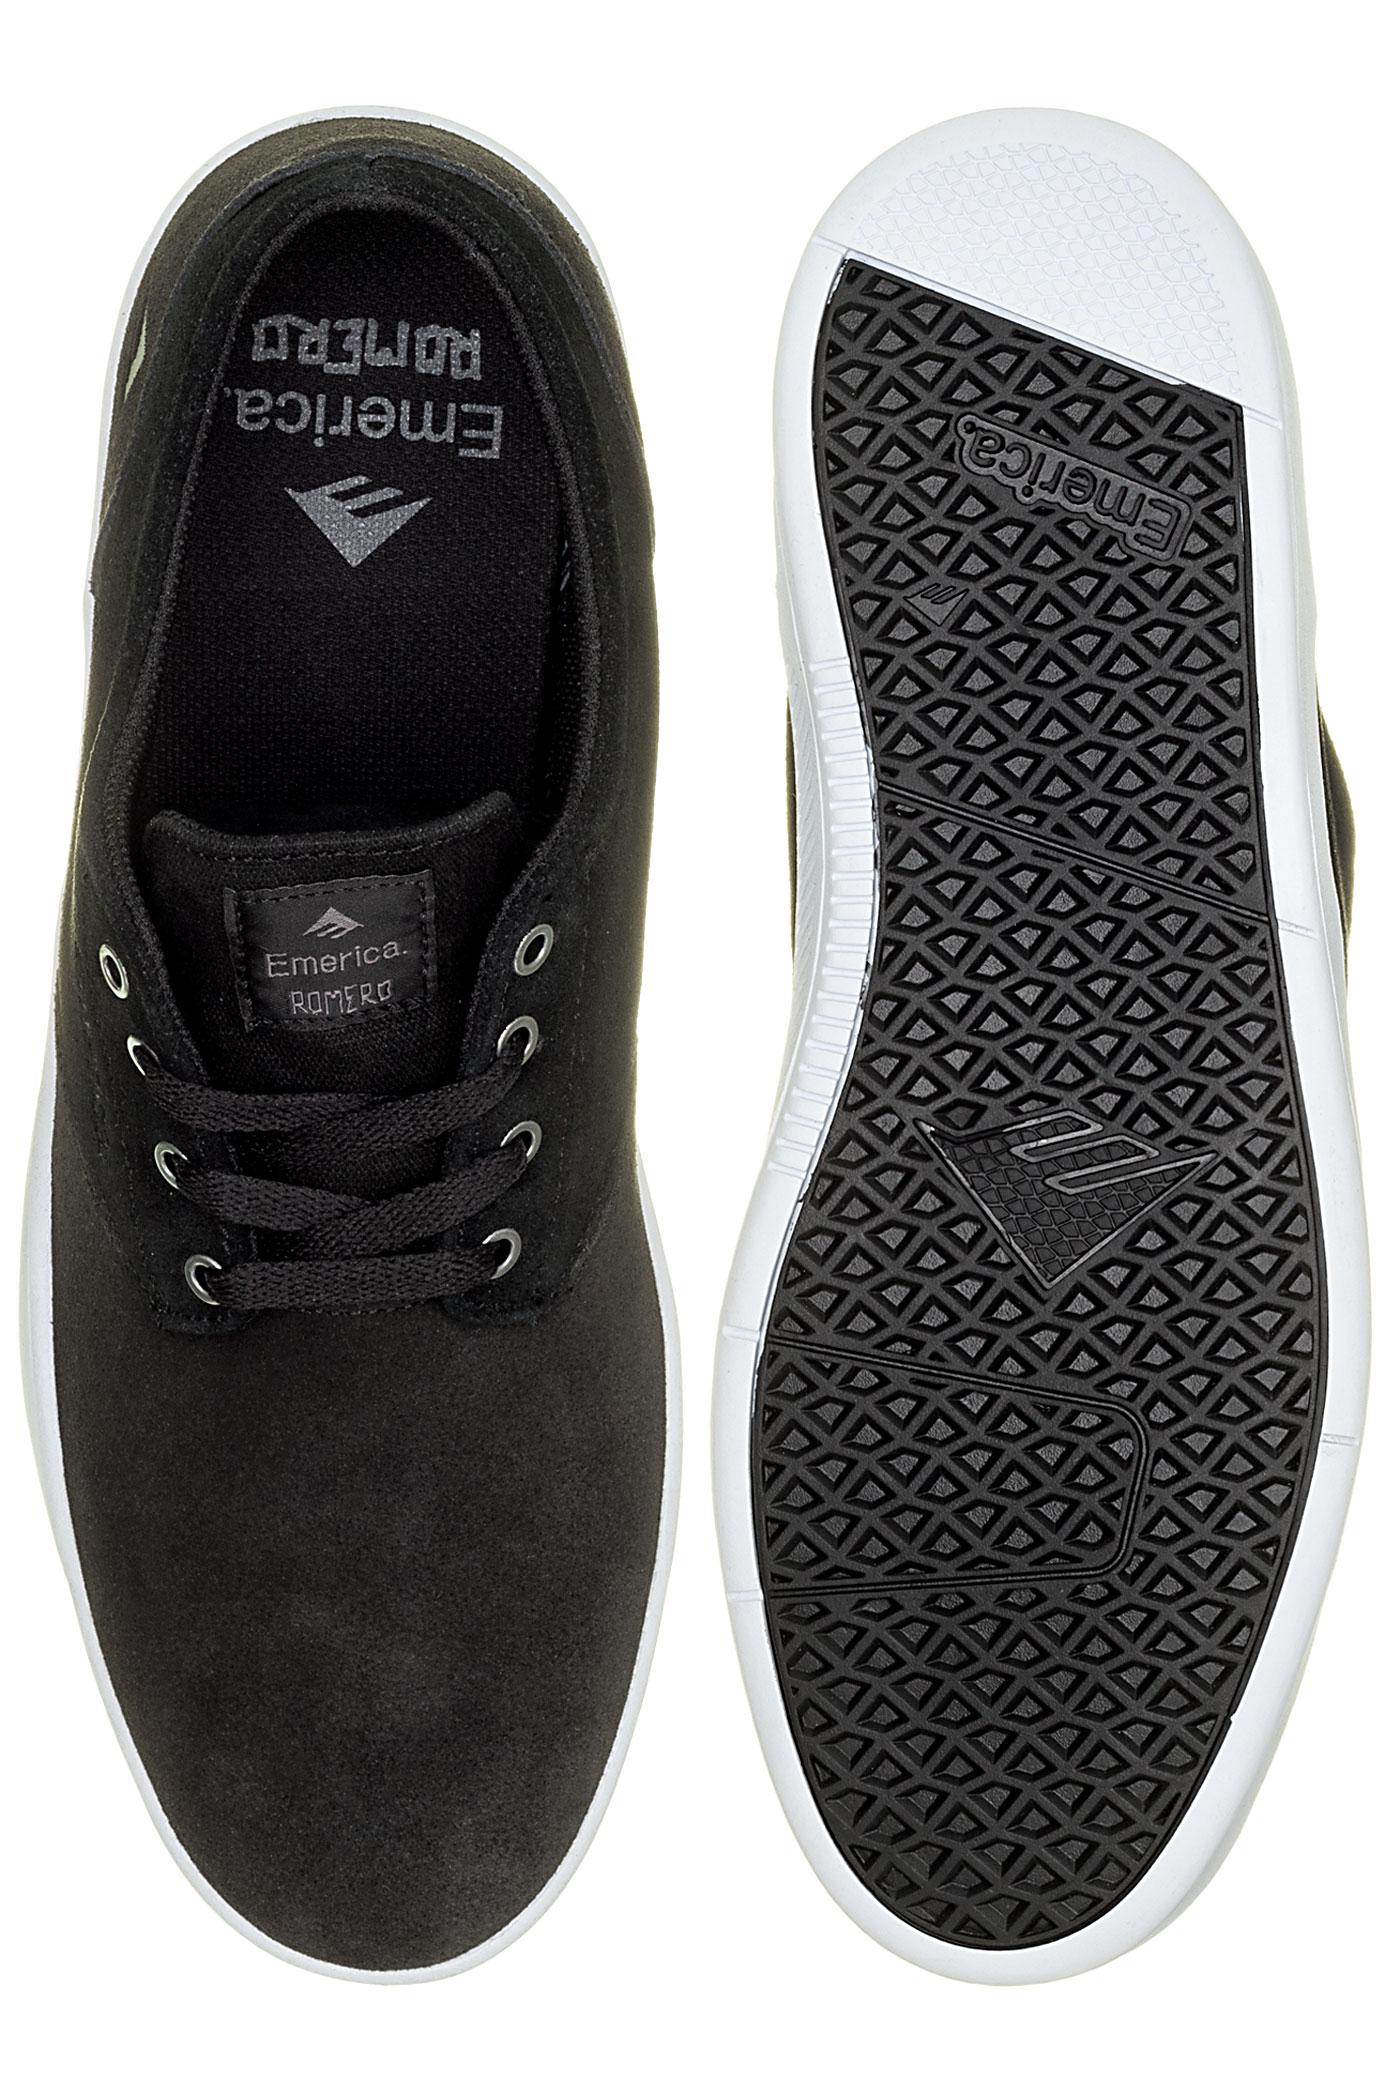 Romero Emerica Chaussuredark White Grey The Laced Black Yyb7f6gv